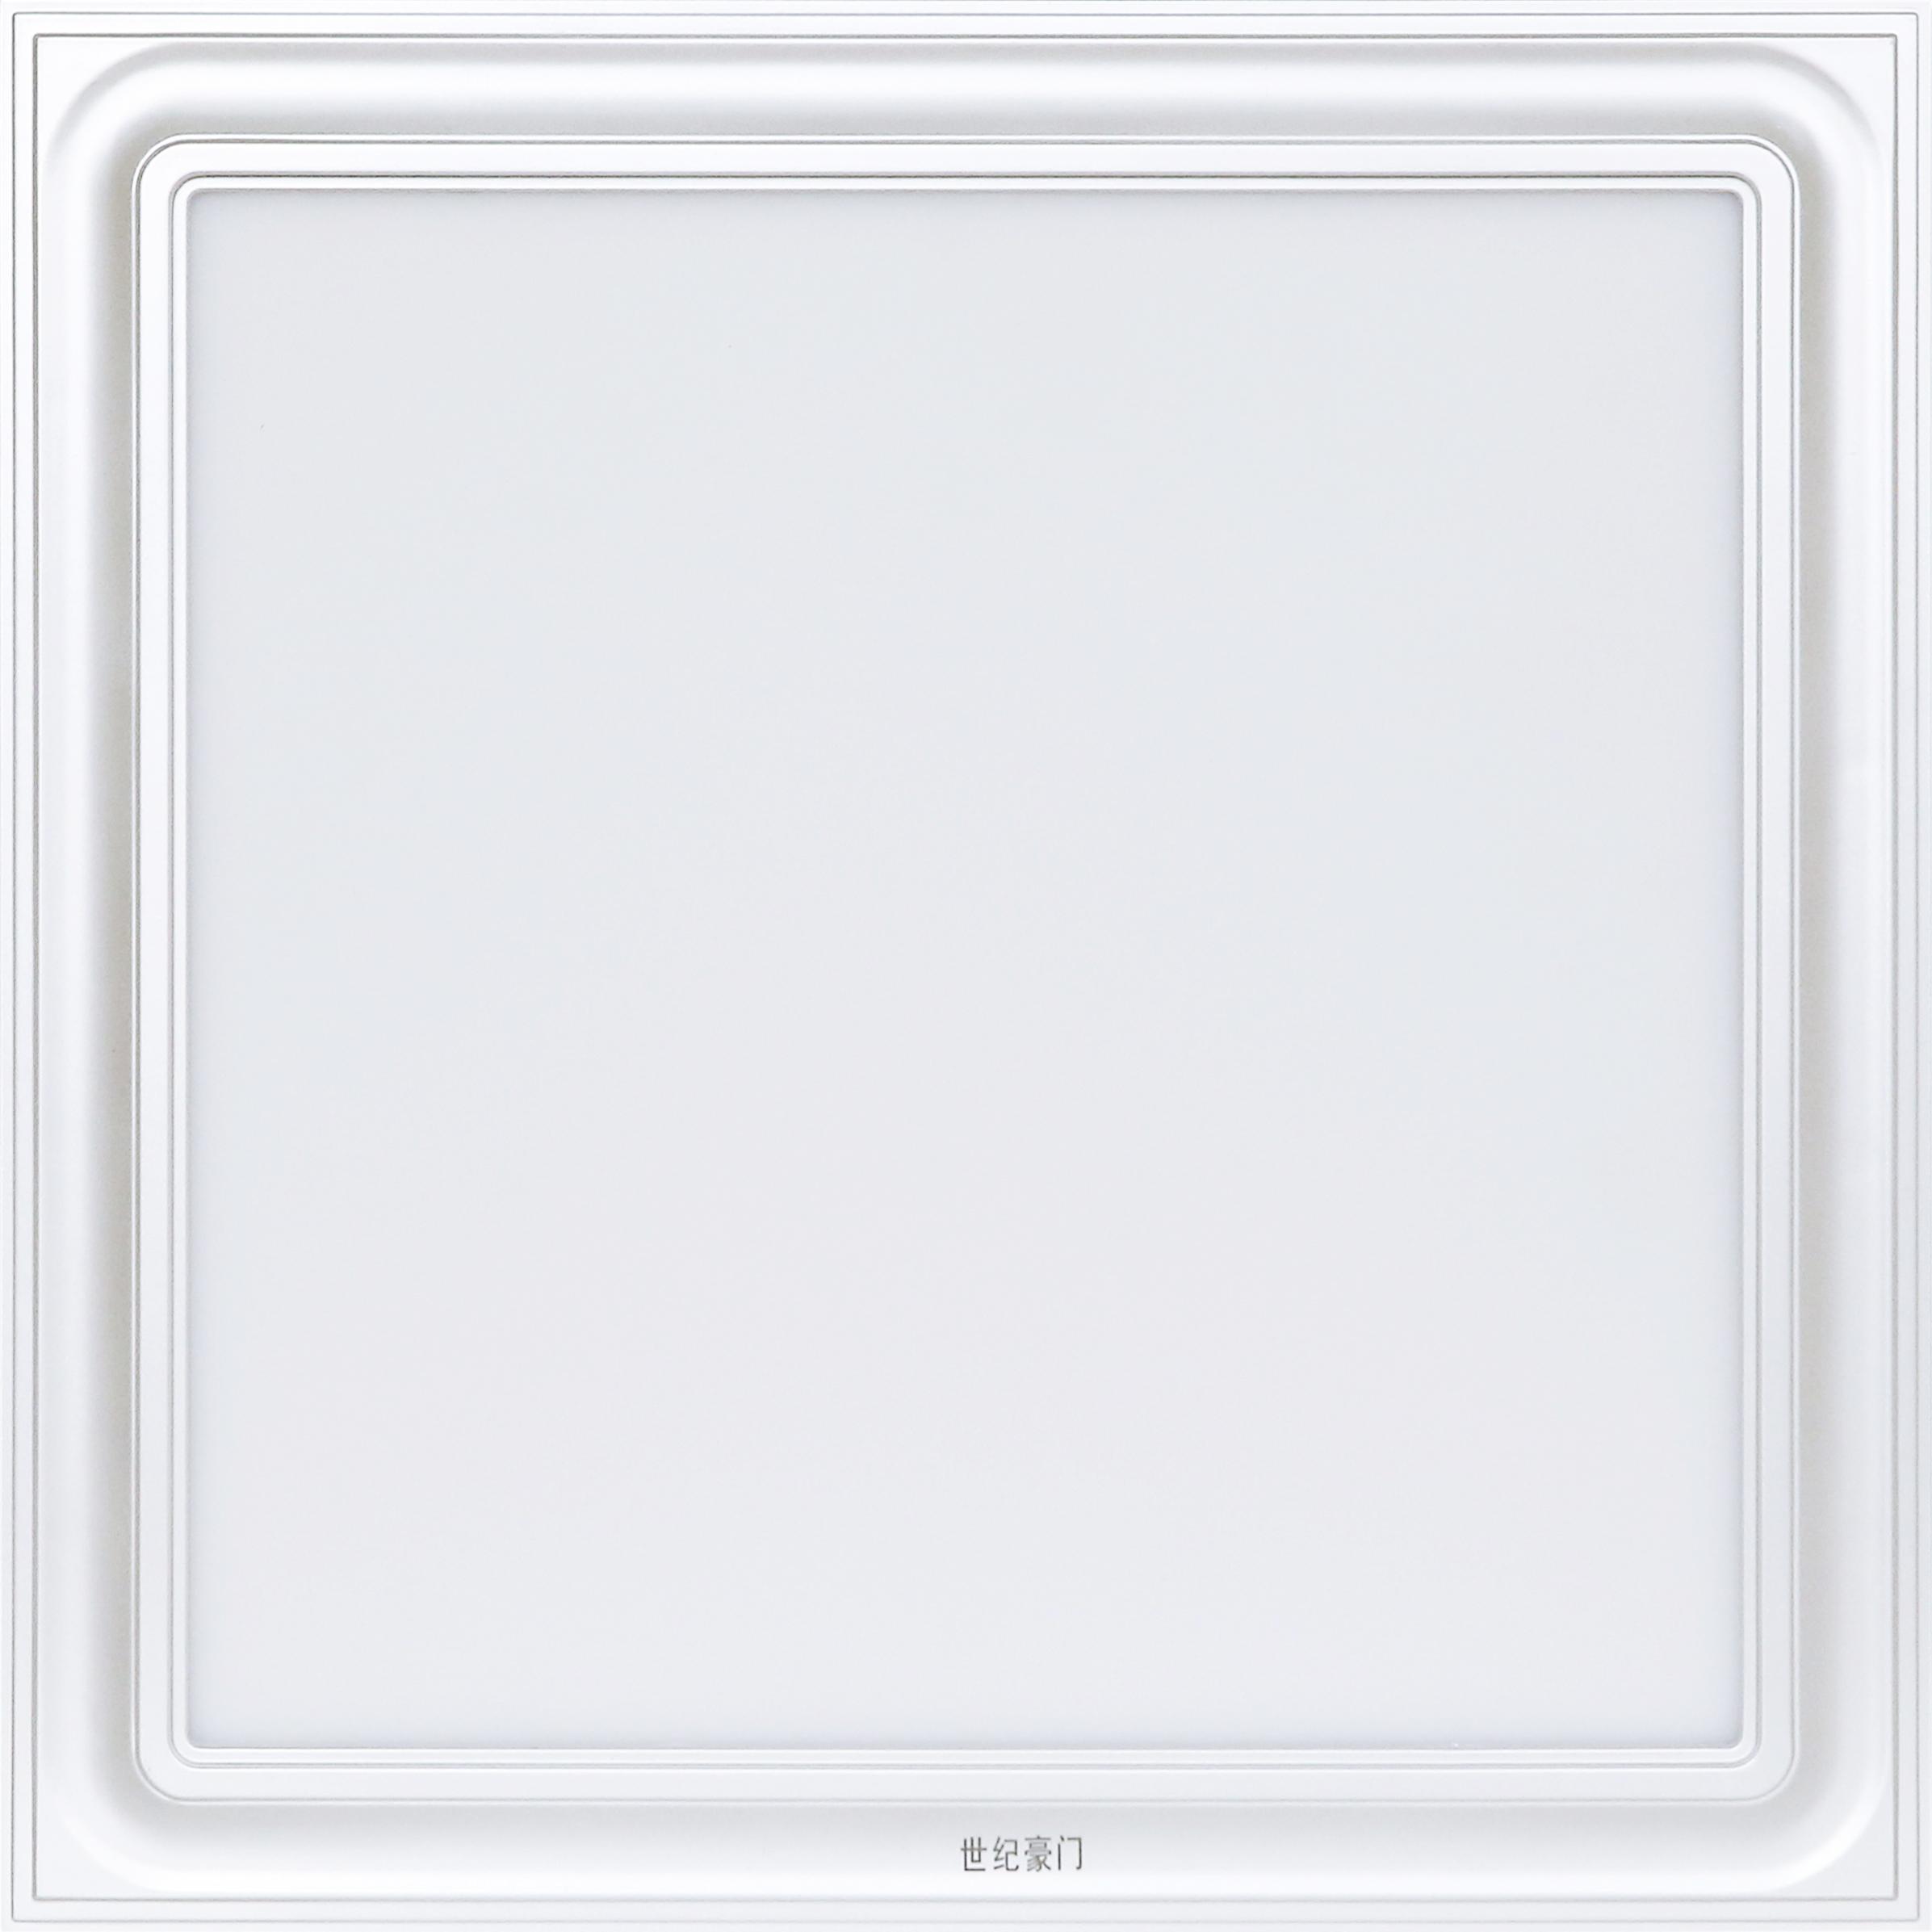 浙江优质厨卫吊顶电器供应商——浙江世纪豪门家居科技有限公司  浙江家装厨卫吊顶电器